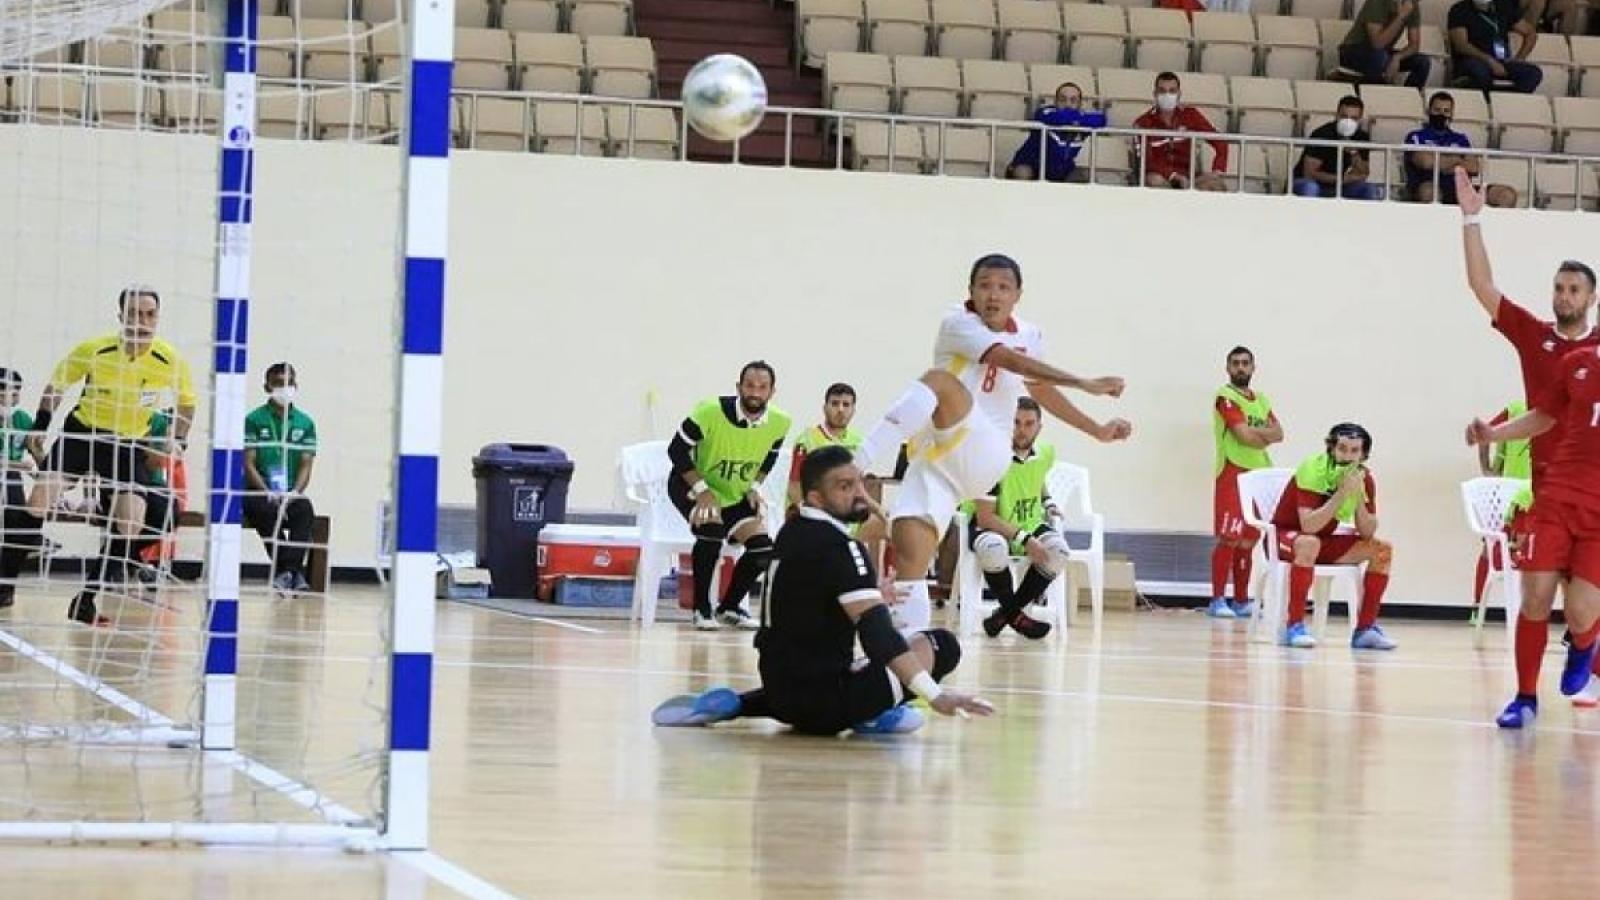 HLV Phạm Minh Giang tiết lộ chiến thuật giúp ĐT Futsal Việt Nam dự World Cup